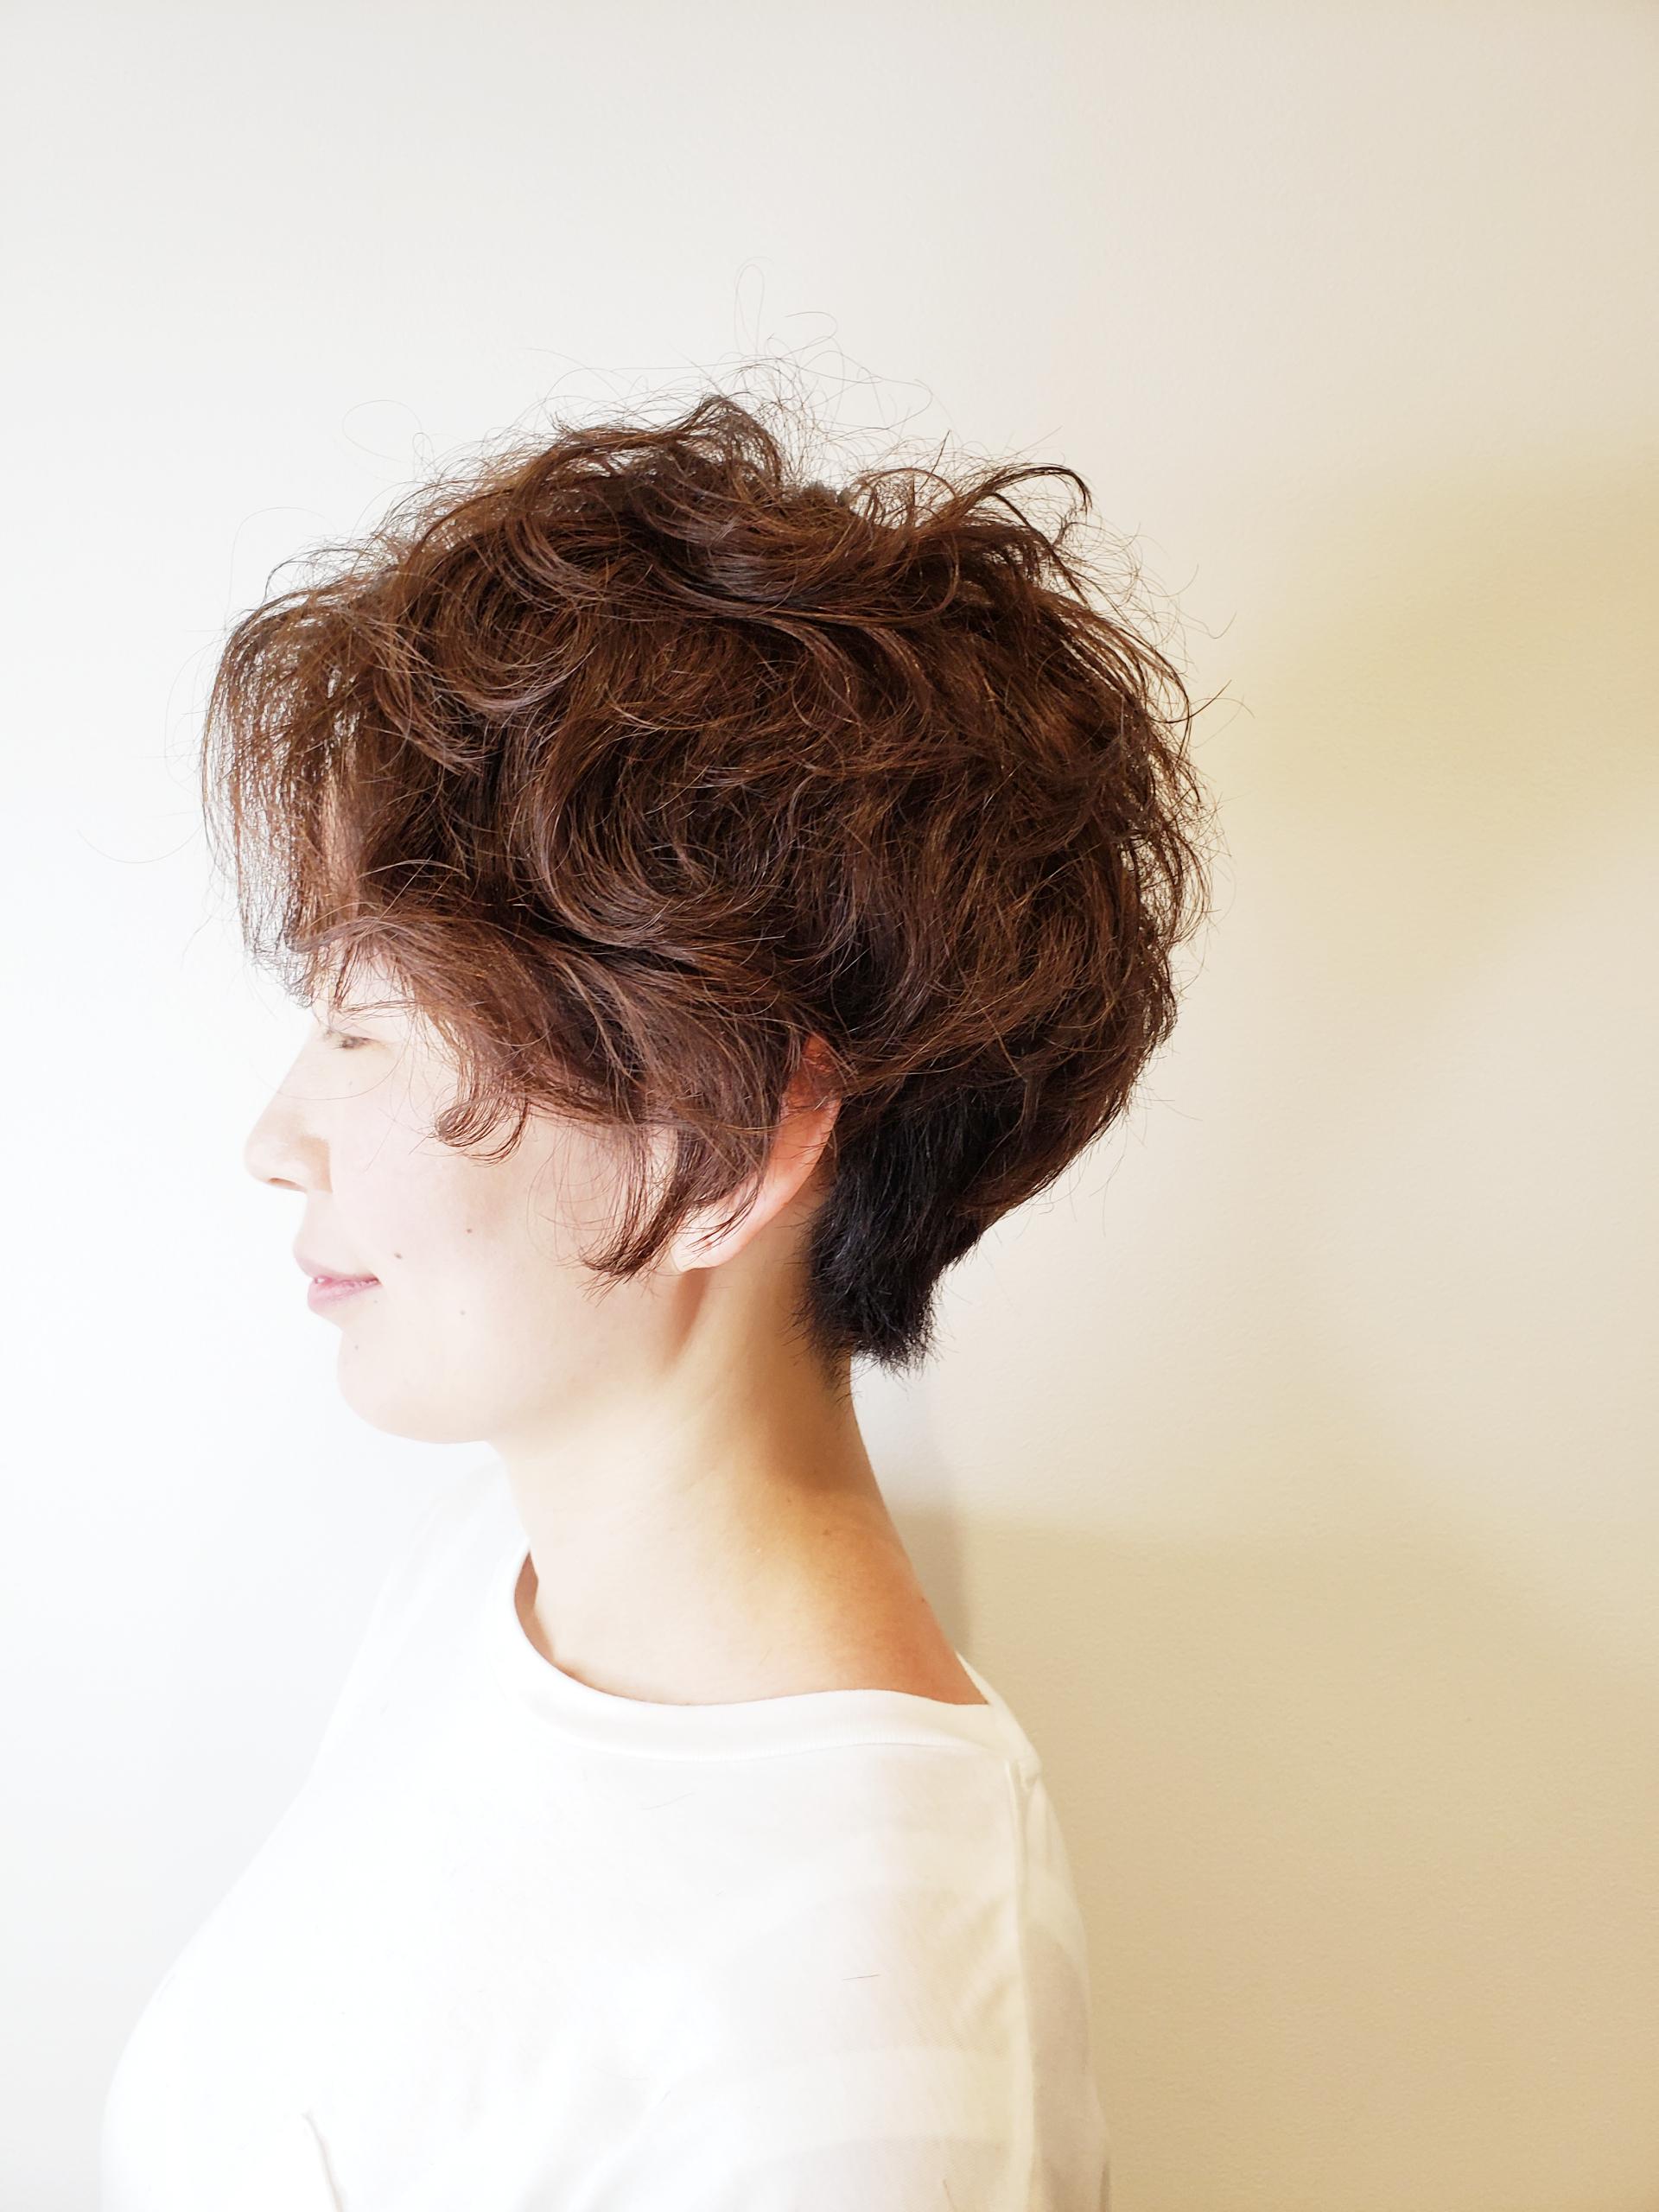 【くせ毛を活かすには?】カットでくせ毛を活かすメリットとデメリットを解説